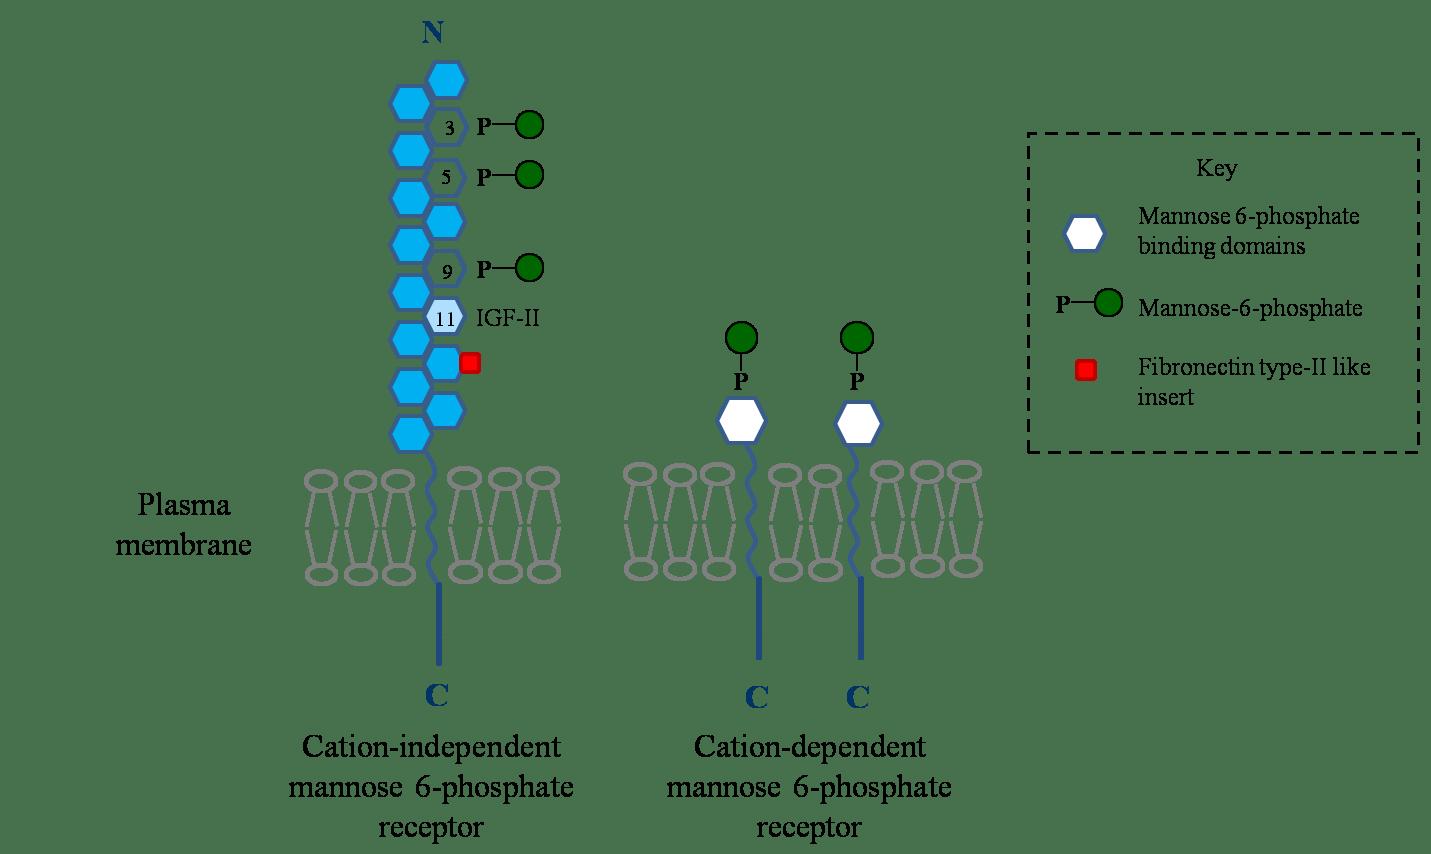 P Monomer Diagram